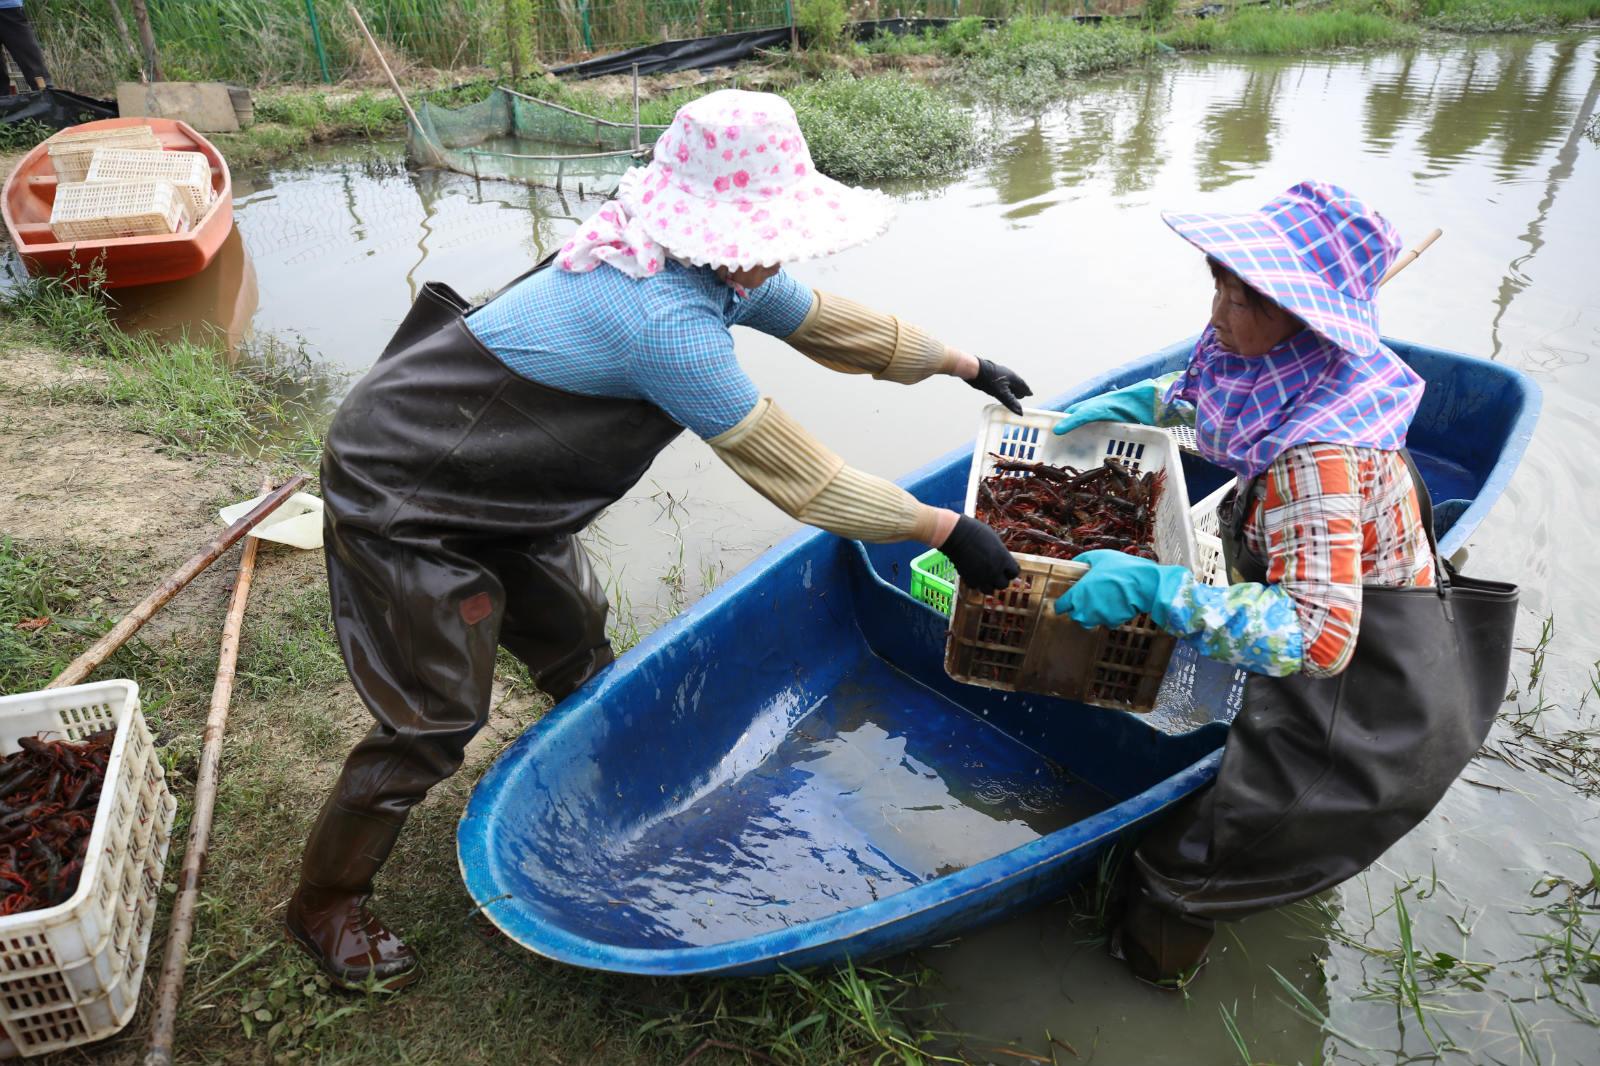 5月29日,湖北省荆州市沙市区观音垱镇,荆香缘小龙虾养殖基地内,农户将满载小龙虾的船只靠近岸边。_meitu_8